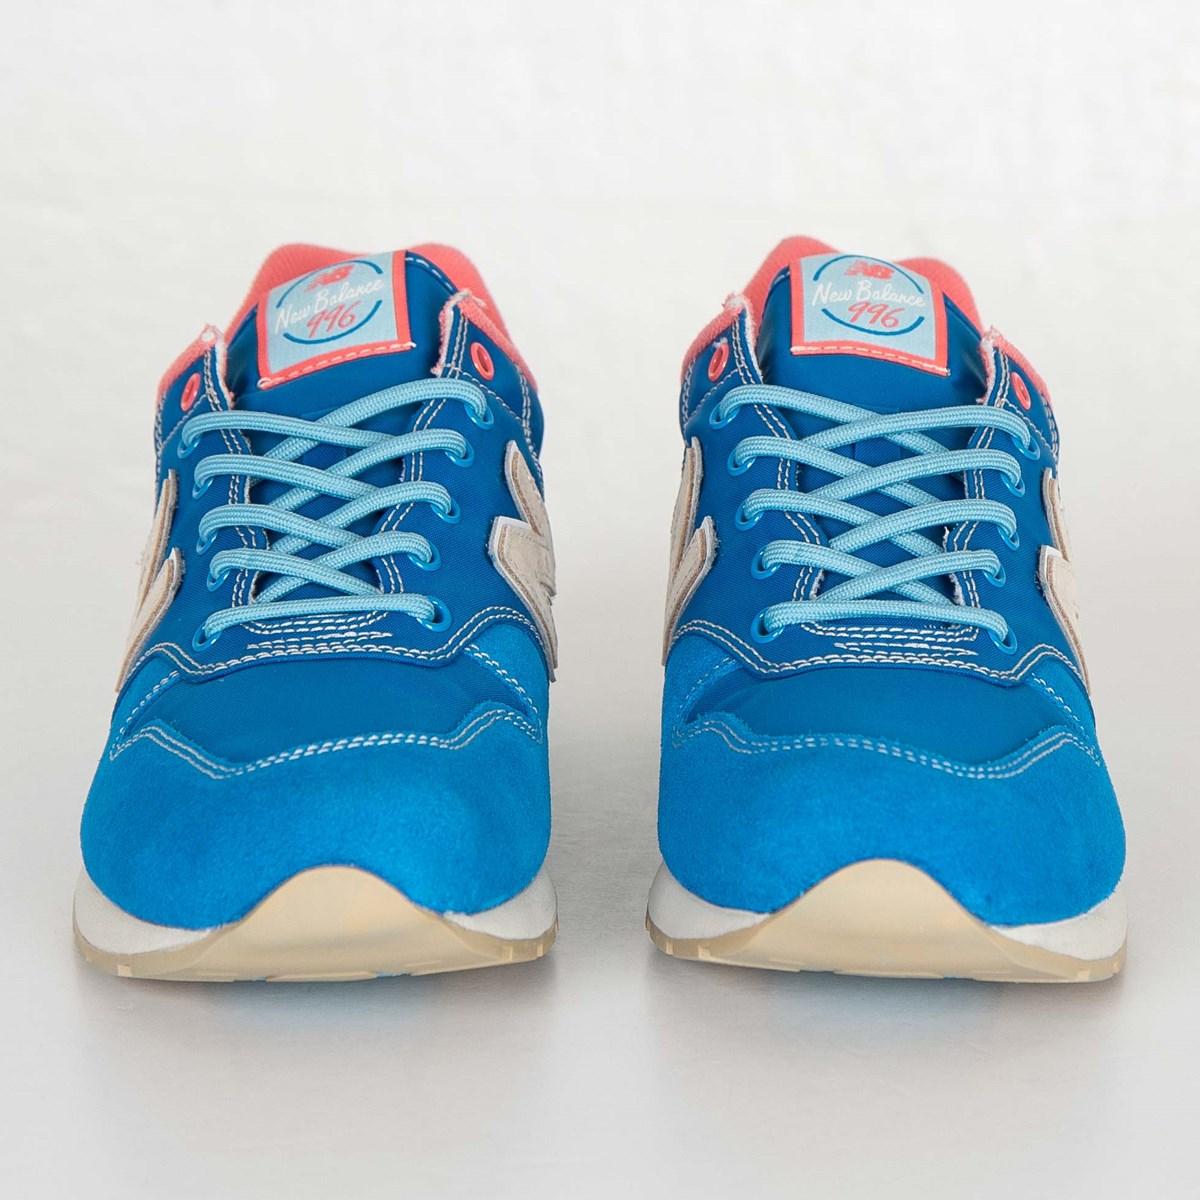 New Balance MRL996 - Mrl996ga - SNS | sneakers & streetwear online since 1999